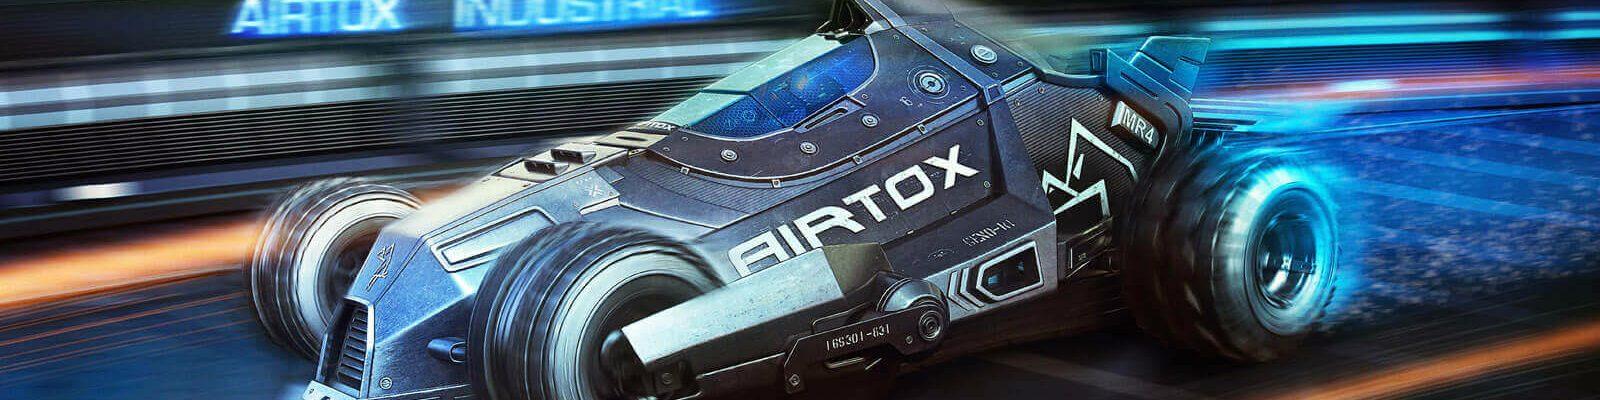 Airtox Vernesko